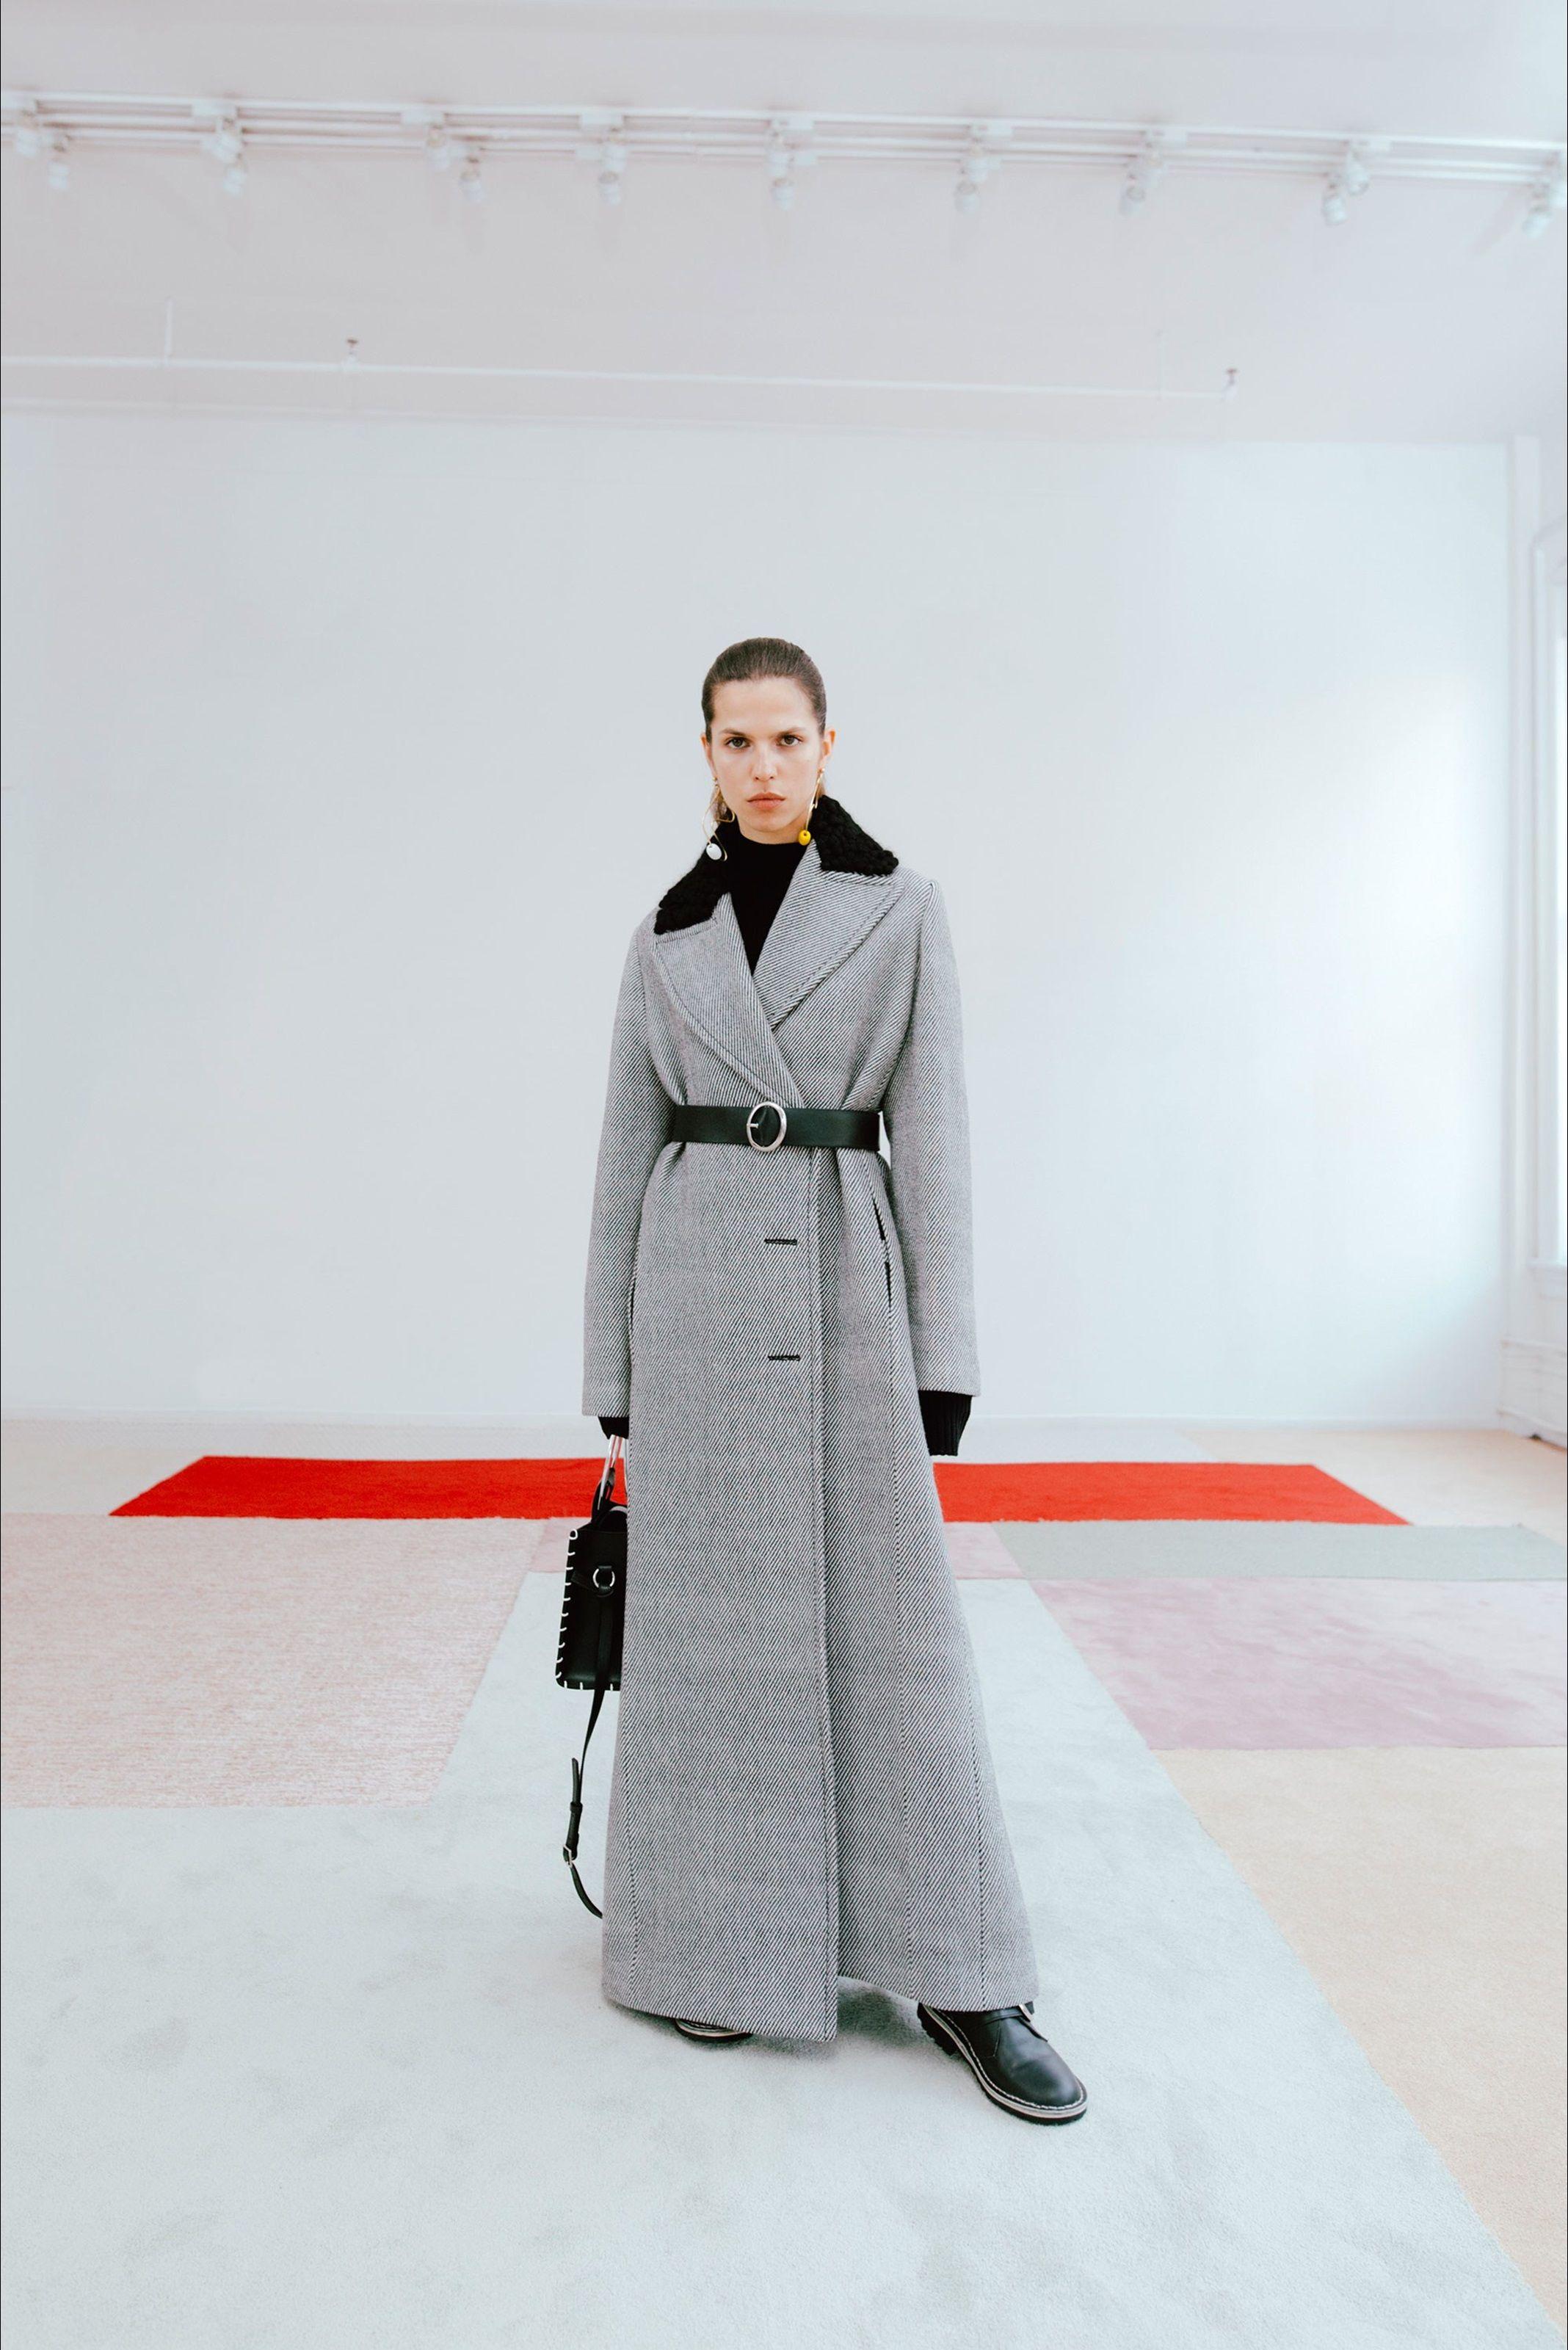 Guarda la sfilata di moda Edun a New York e scopri la collezione di abiti e accessori per la stagione Collezioni Autunno Inverno 2017-18.